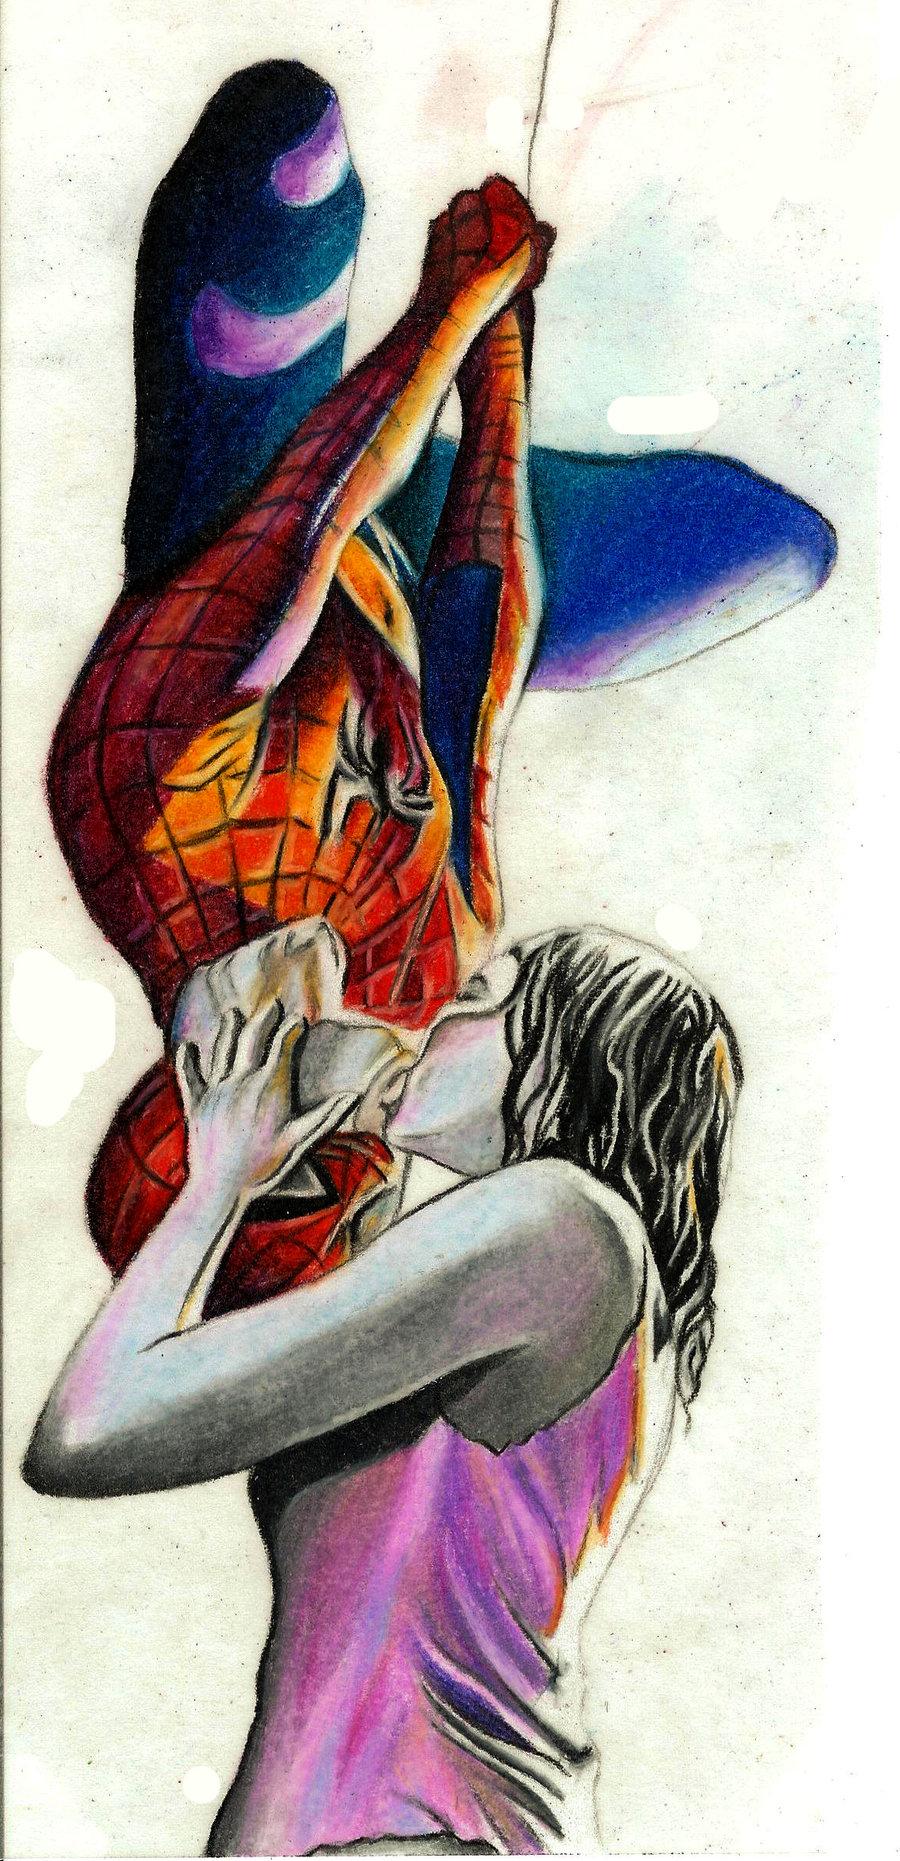 Drawn rain kiss Spiderman Kiss by DeviantArt on